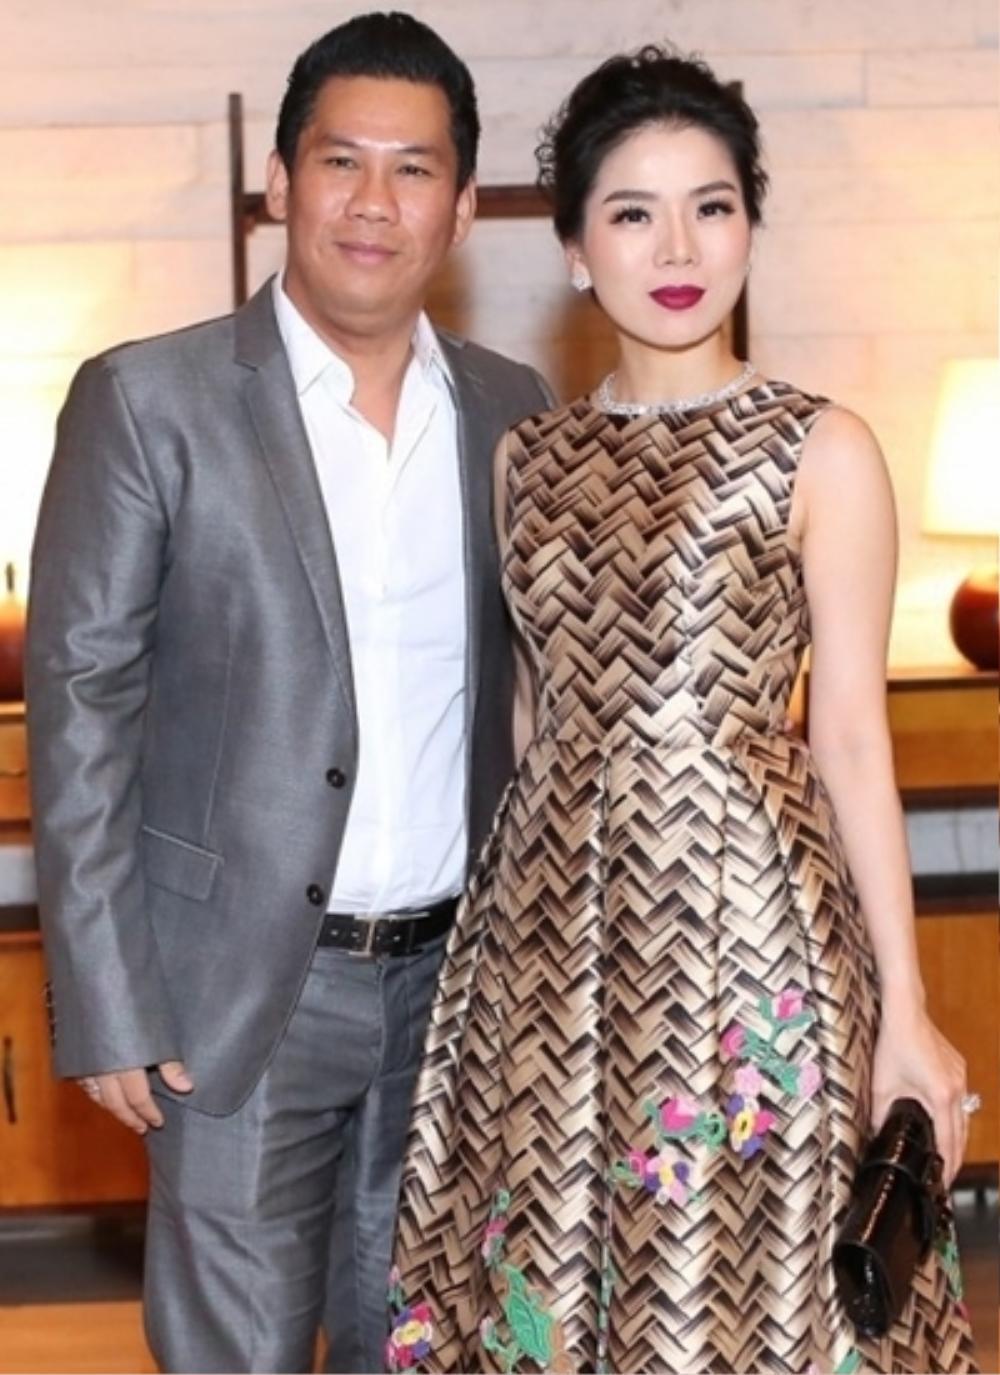 Lệ Quyên ấm lòng vì con trai muốn đi cùng về Hà Nội, chồng cũ lại lên tiếng: 'Con chỉ thích ở nhà với ba' Ảnh 4